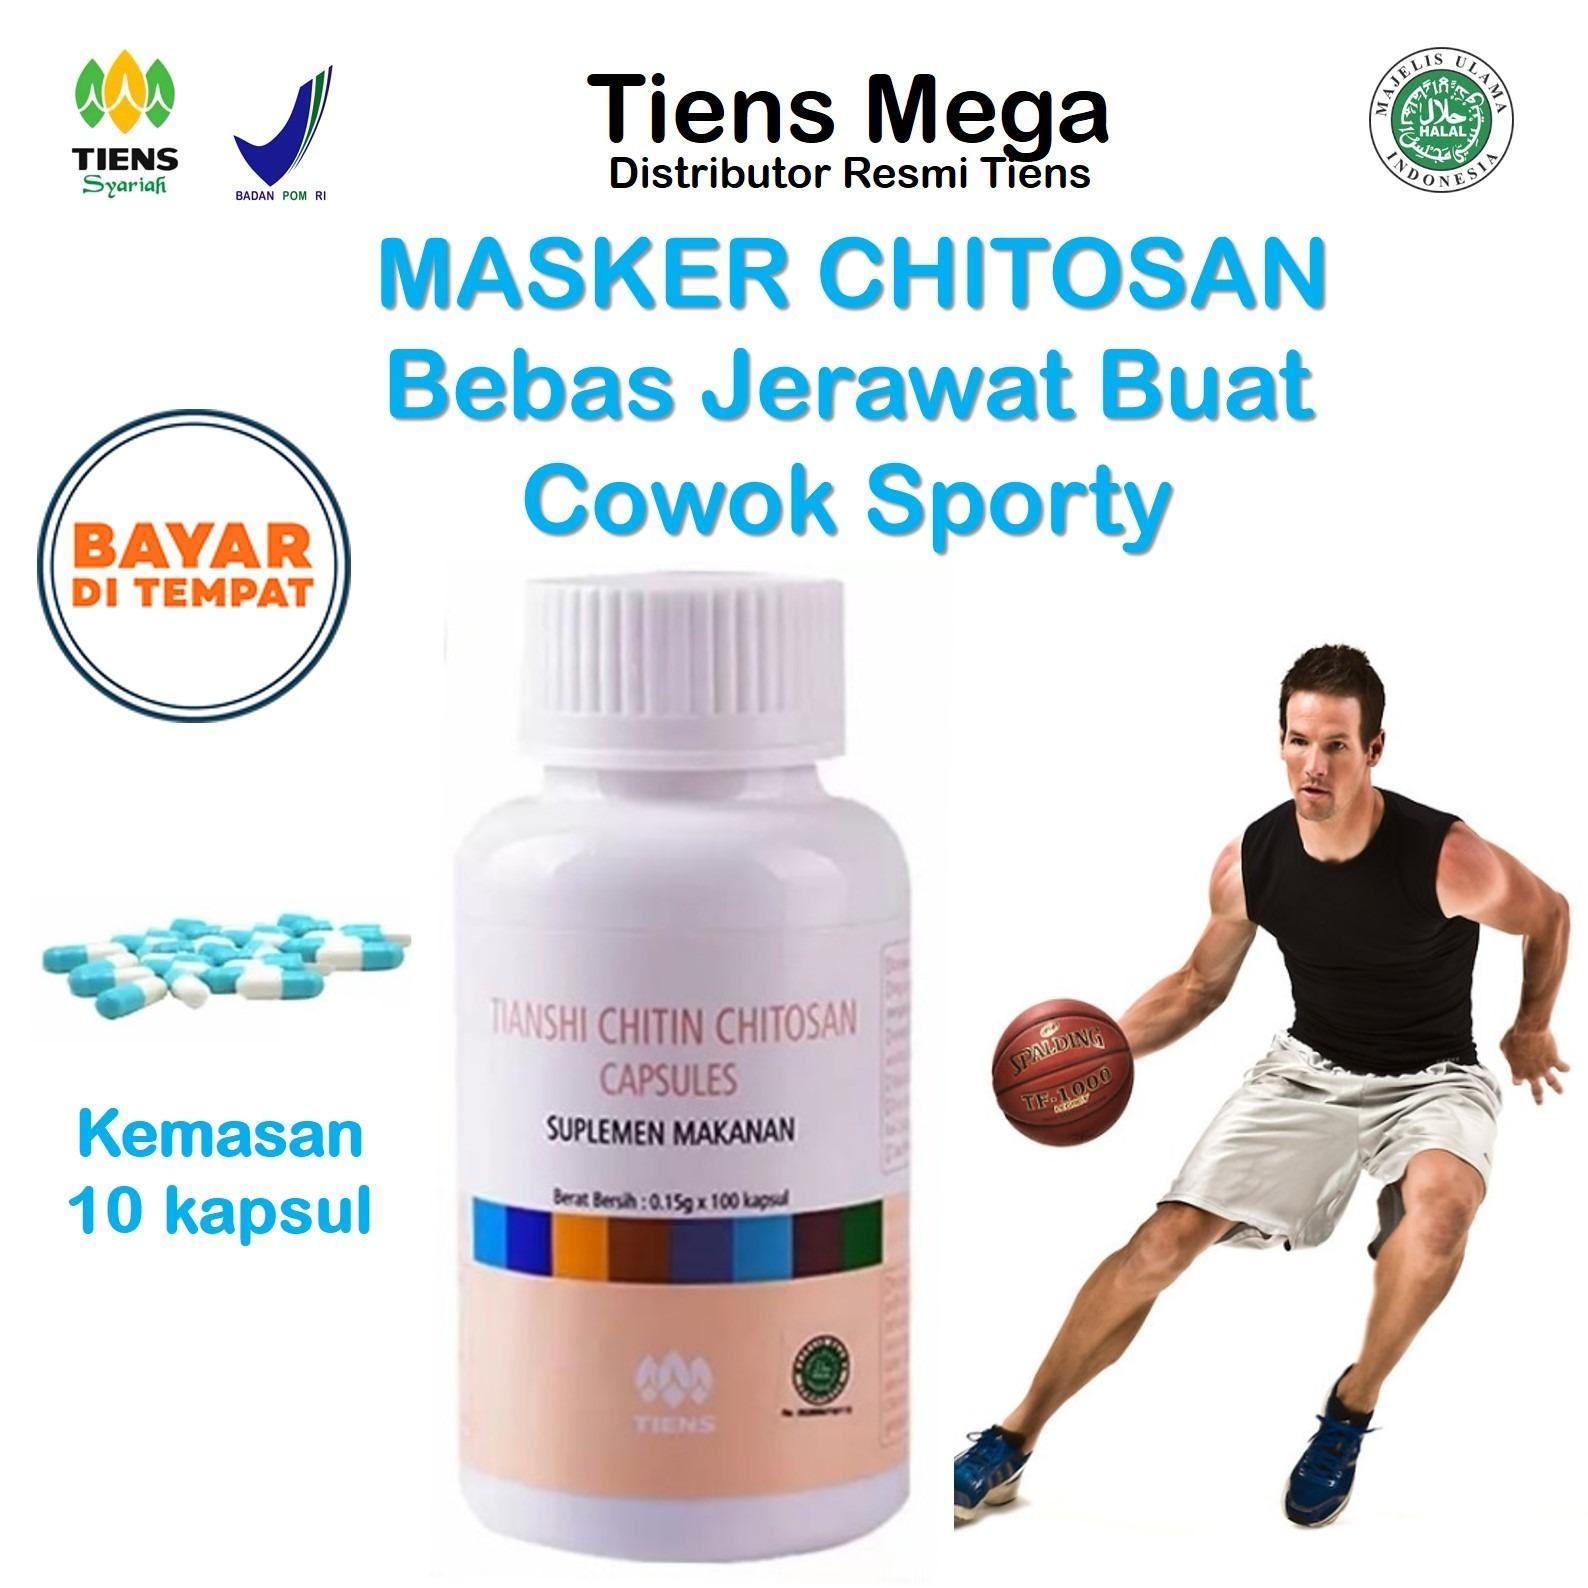 Tiens Chitosan Masker Anti Jerawat Buat Cowok Sporty - Paket Promo Banting Harga 10 Kapsul +